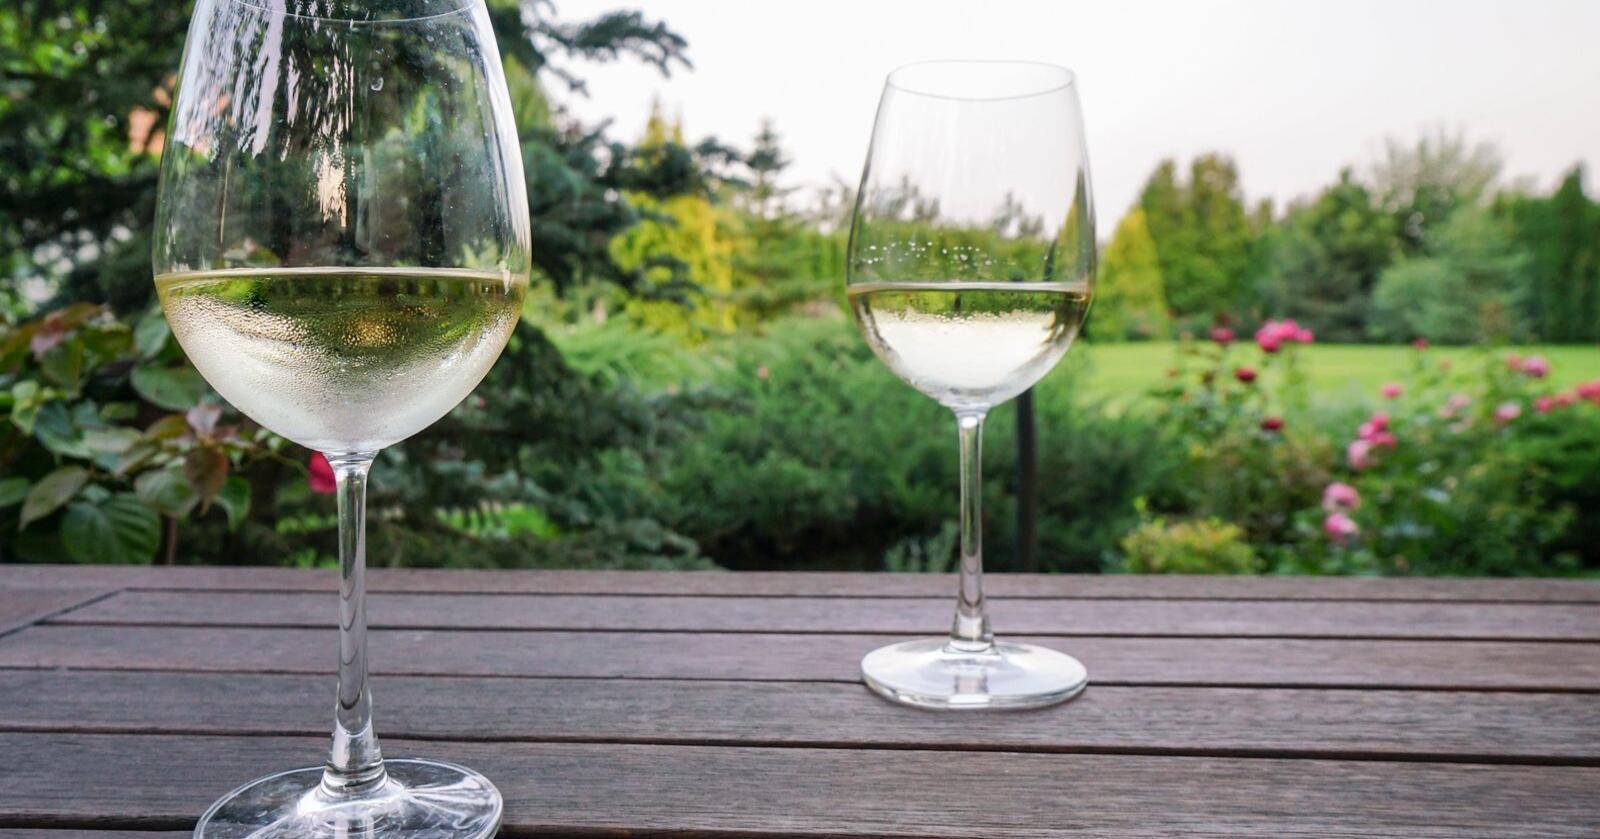 Annerledes: I byen møttes vi på hippe barer og drakk knusktørr hvitvin. Når innvier jeg helga på stabburstrappa. Det har blitt mitt utested, skriver Ellen Fauske Bleness. Foto: Berna Rikur/Mostphotos